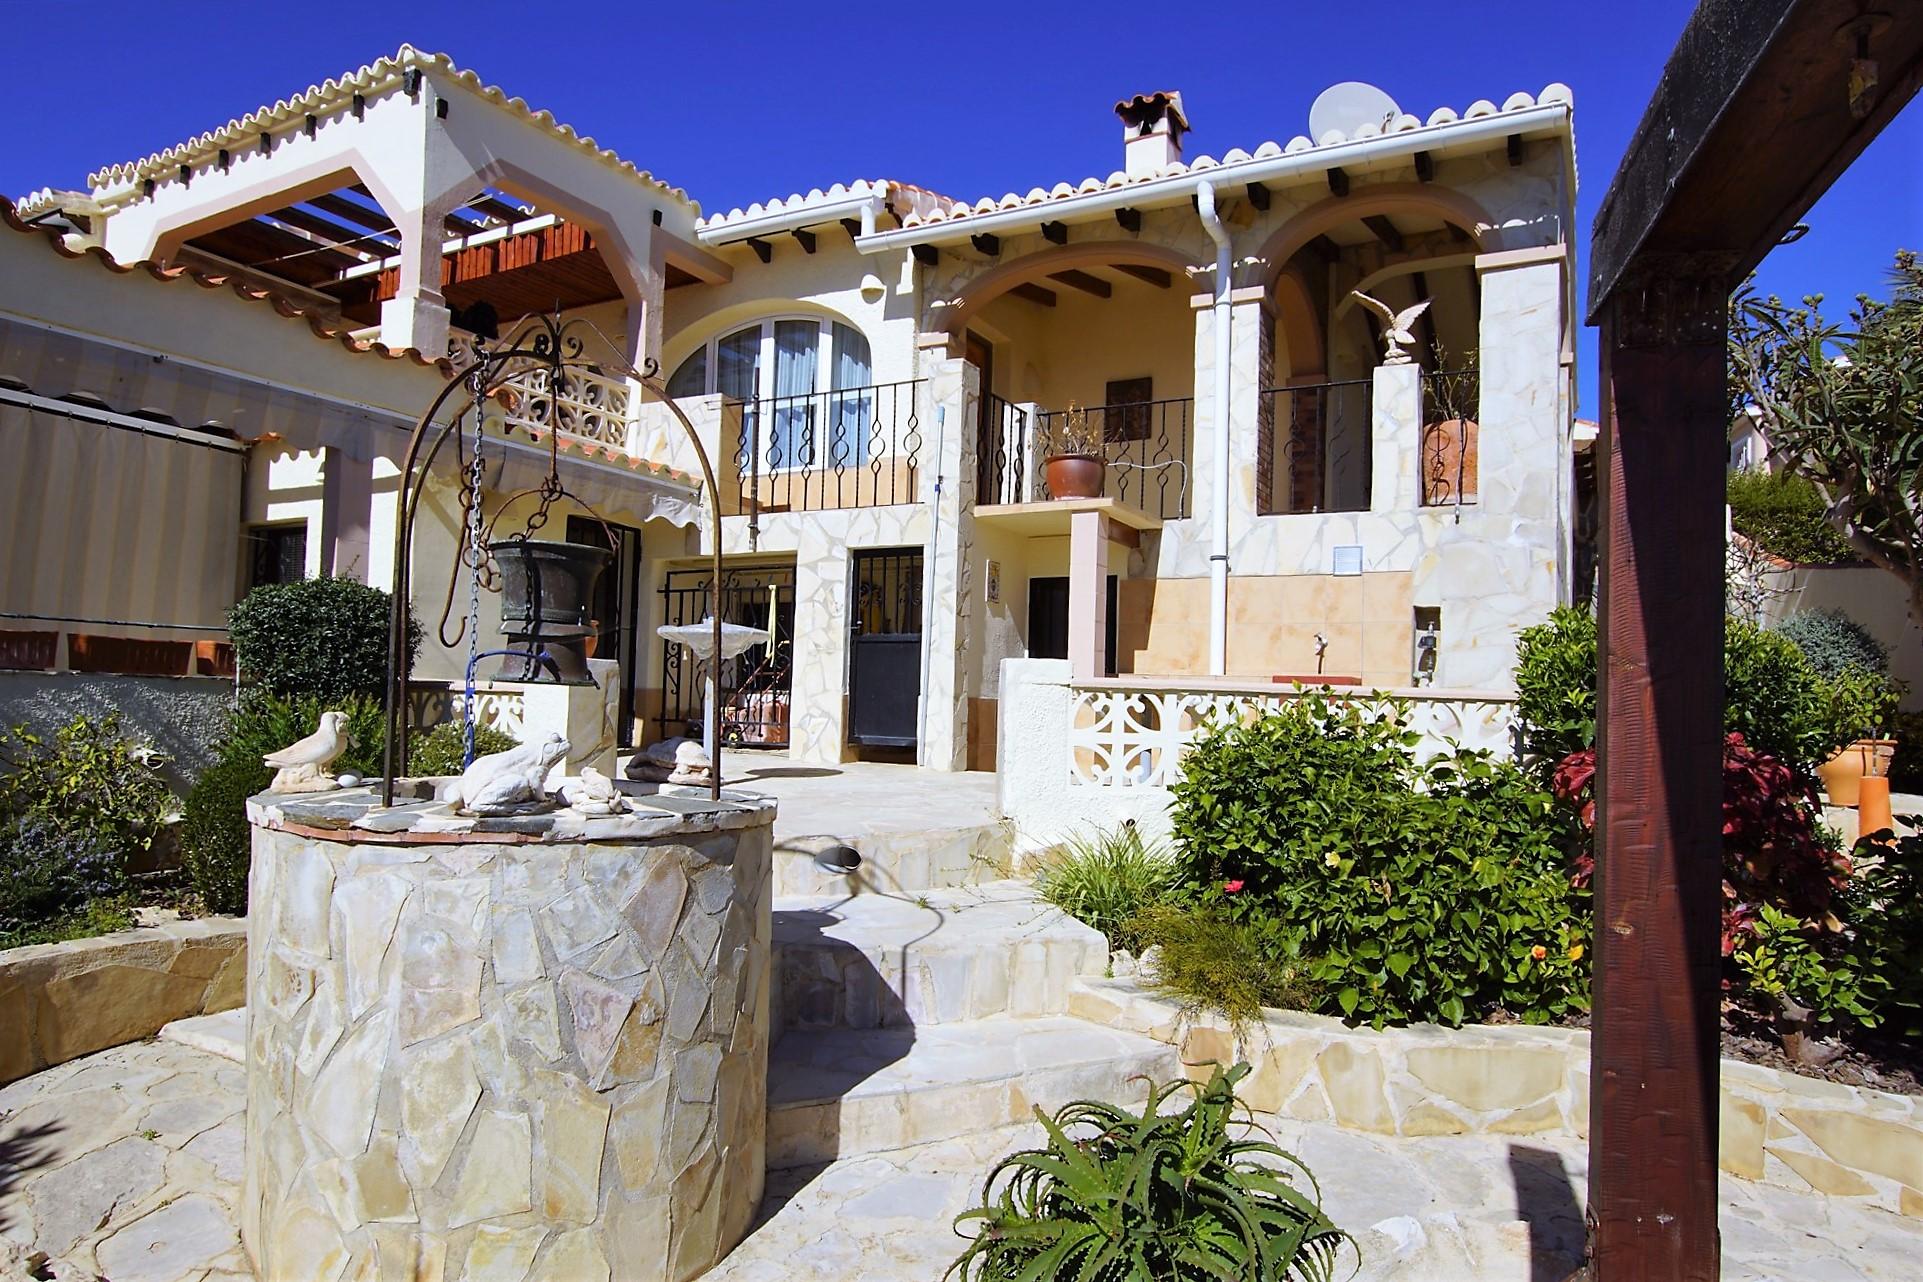 Se vende villa de tres dormitorios, con jardín y piscina privada.  Vista al mar y cerca del centro comercial Adelfas.